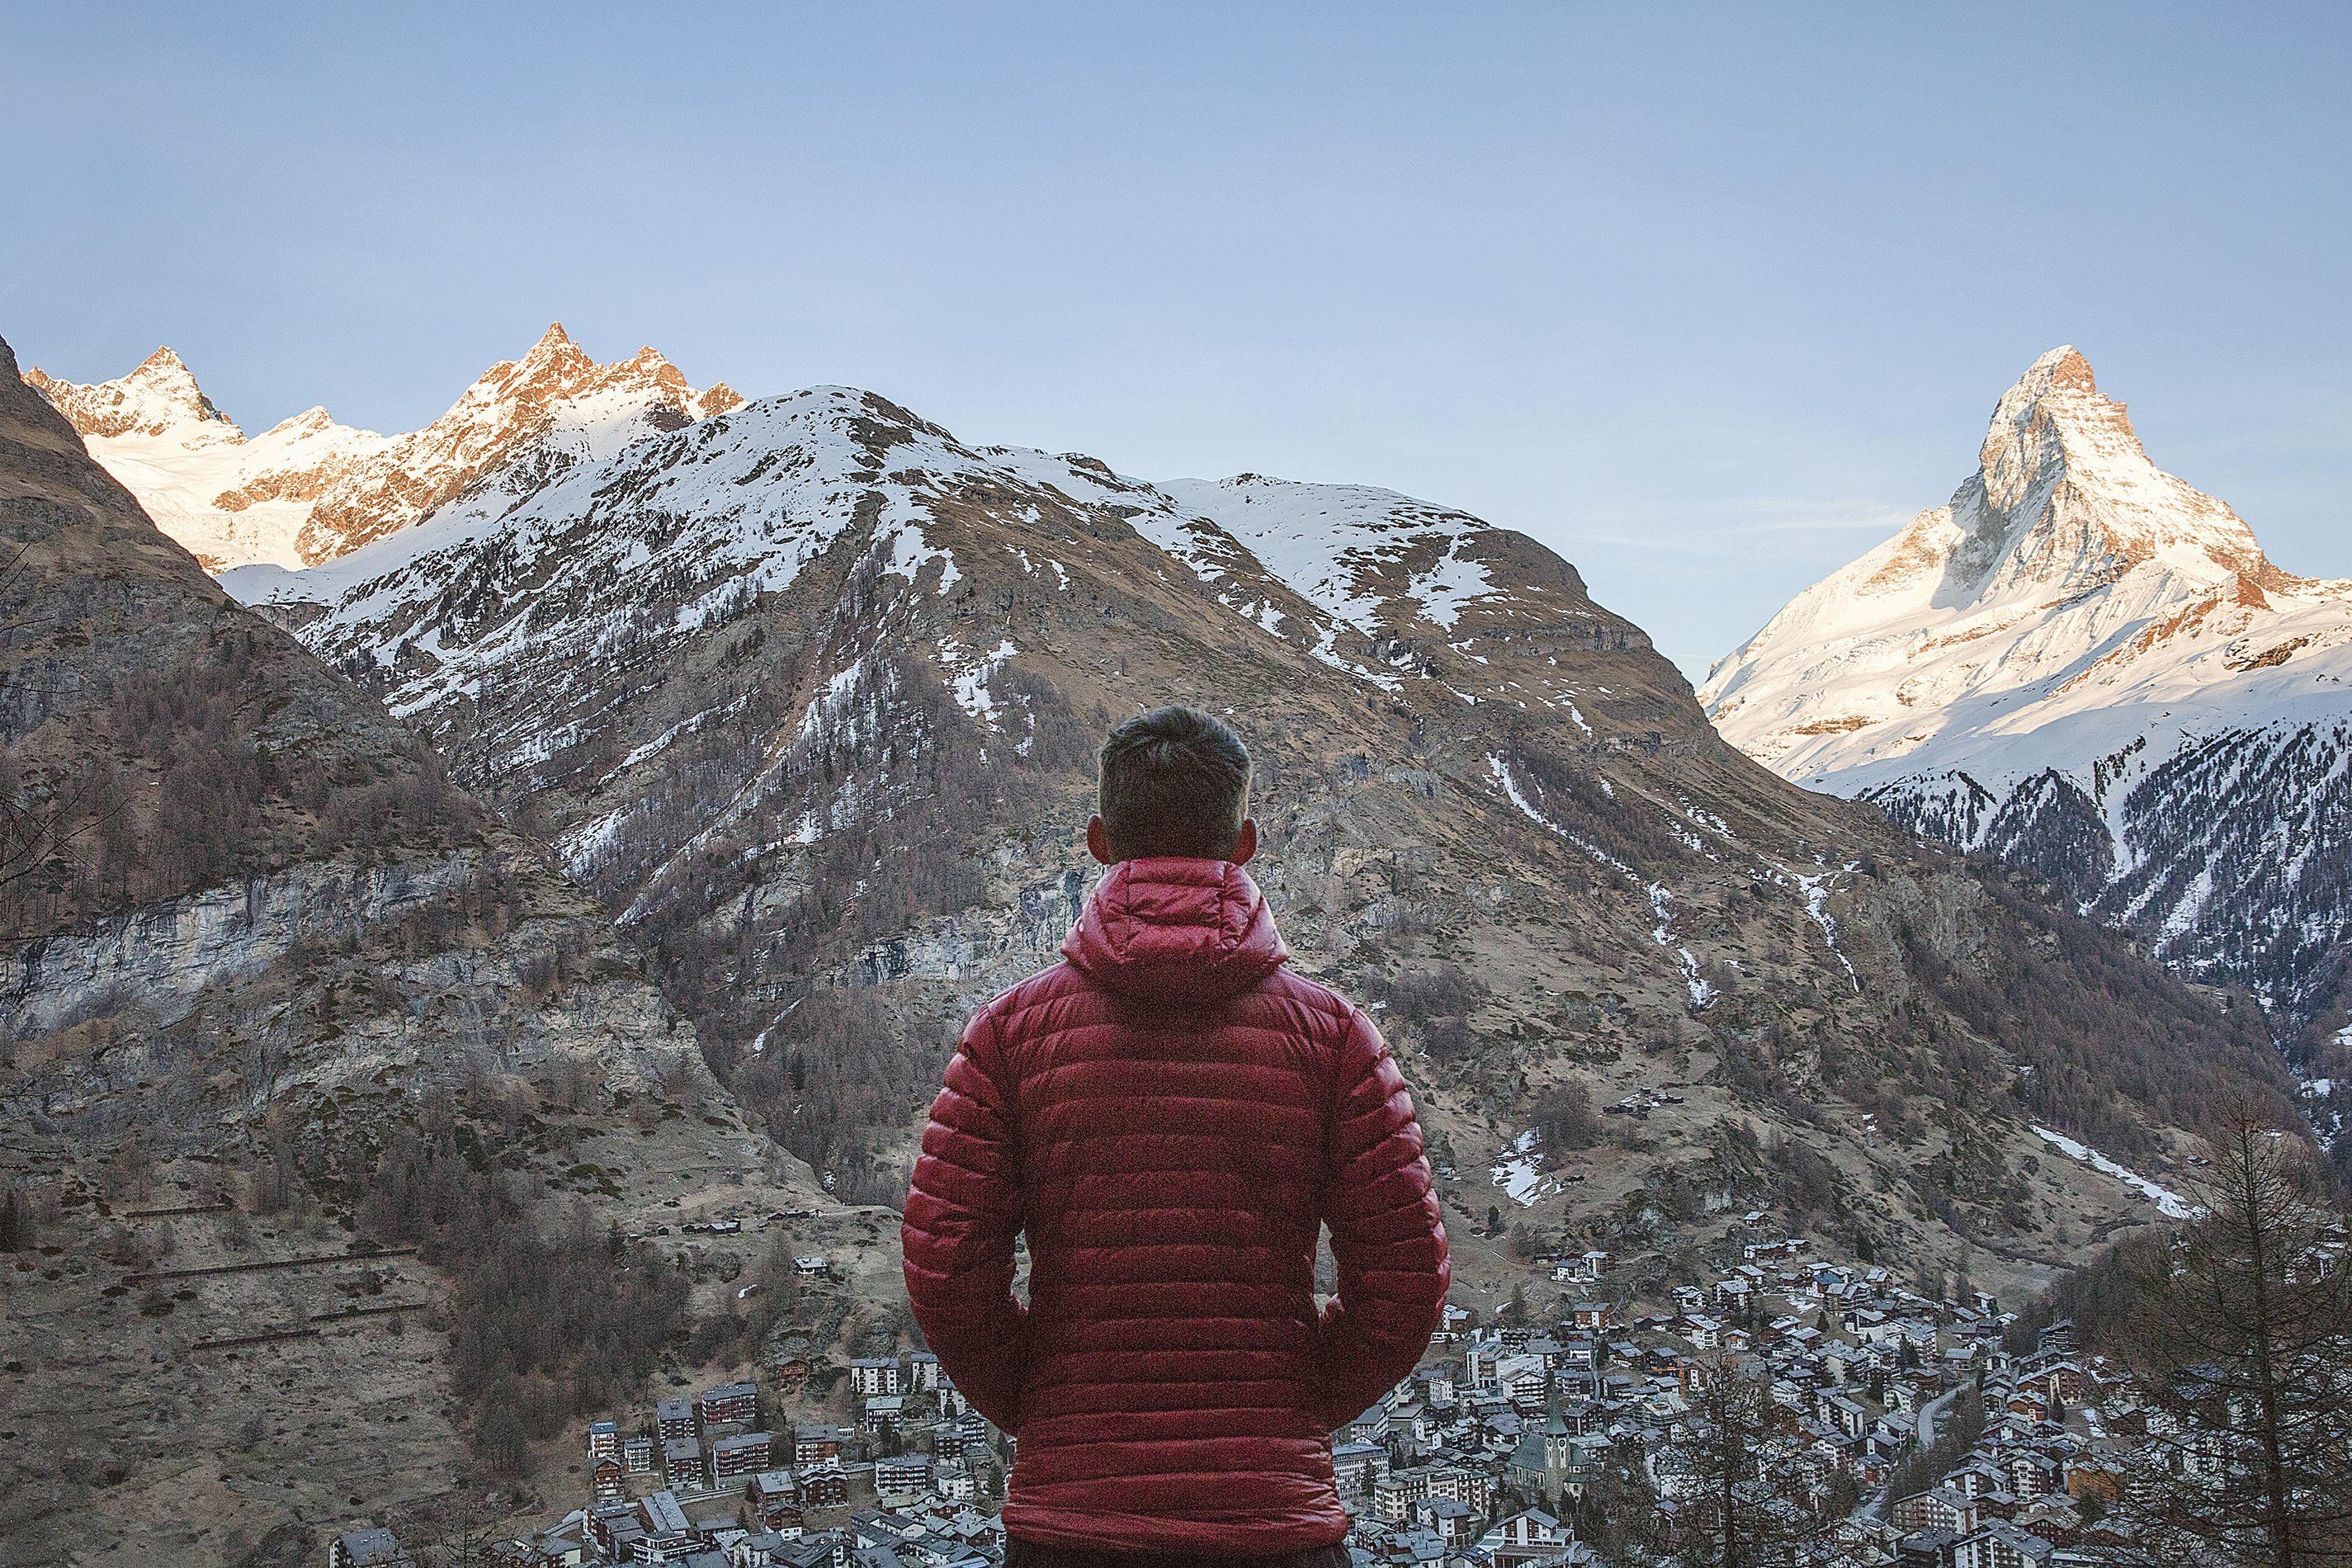 Imagen gratis Naturaleza persona montaa nieve fro